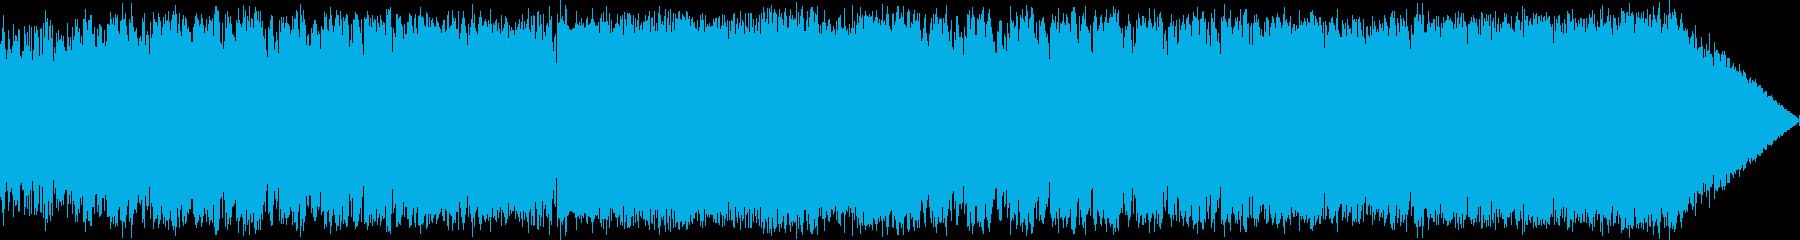 ファンタジーRPGの戦闘シーンを想定し…の再生済みの波形